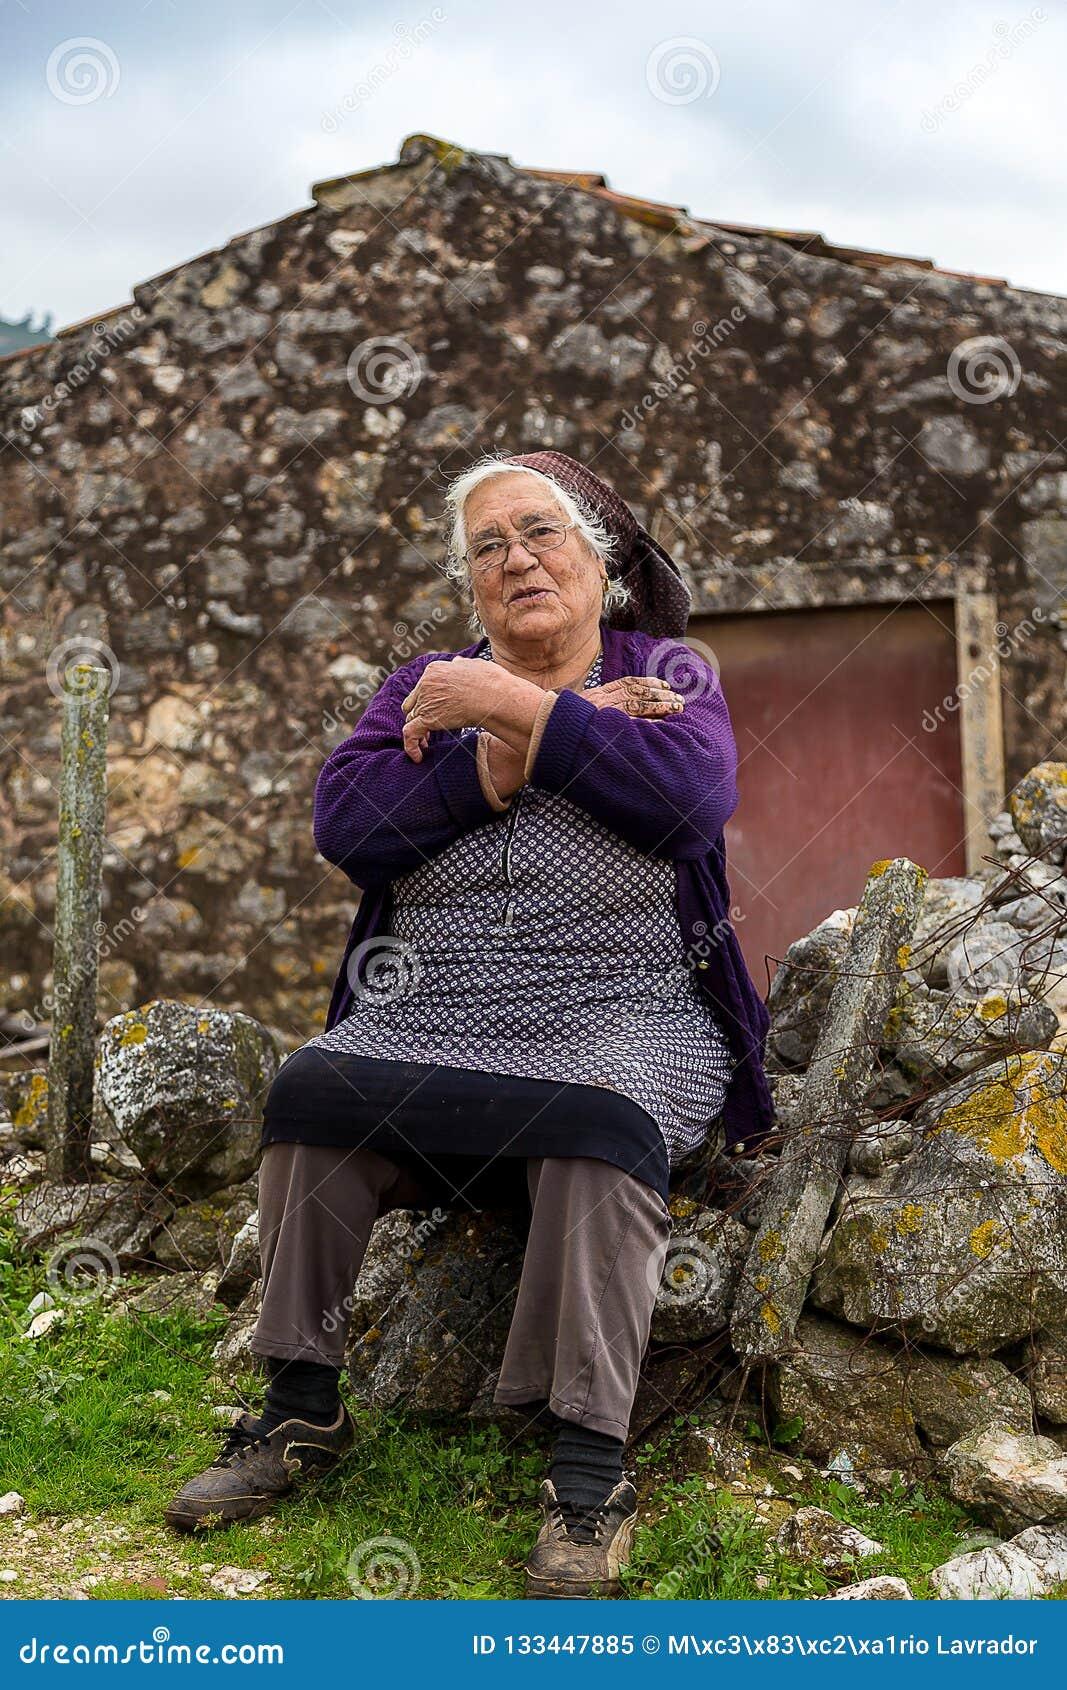 Τοποθέτηση ηλικιωμένων κυριών υπερήφανη της ιστορίας ζωής της